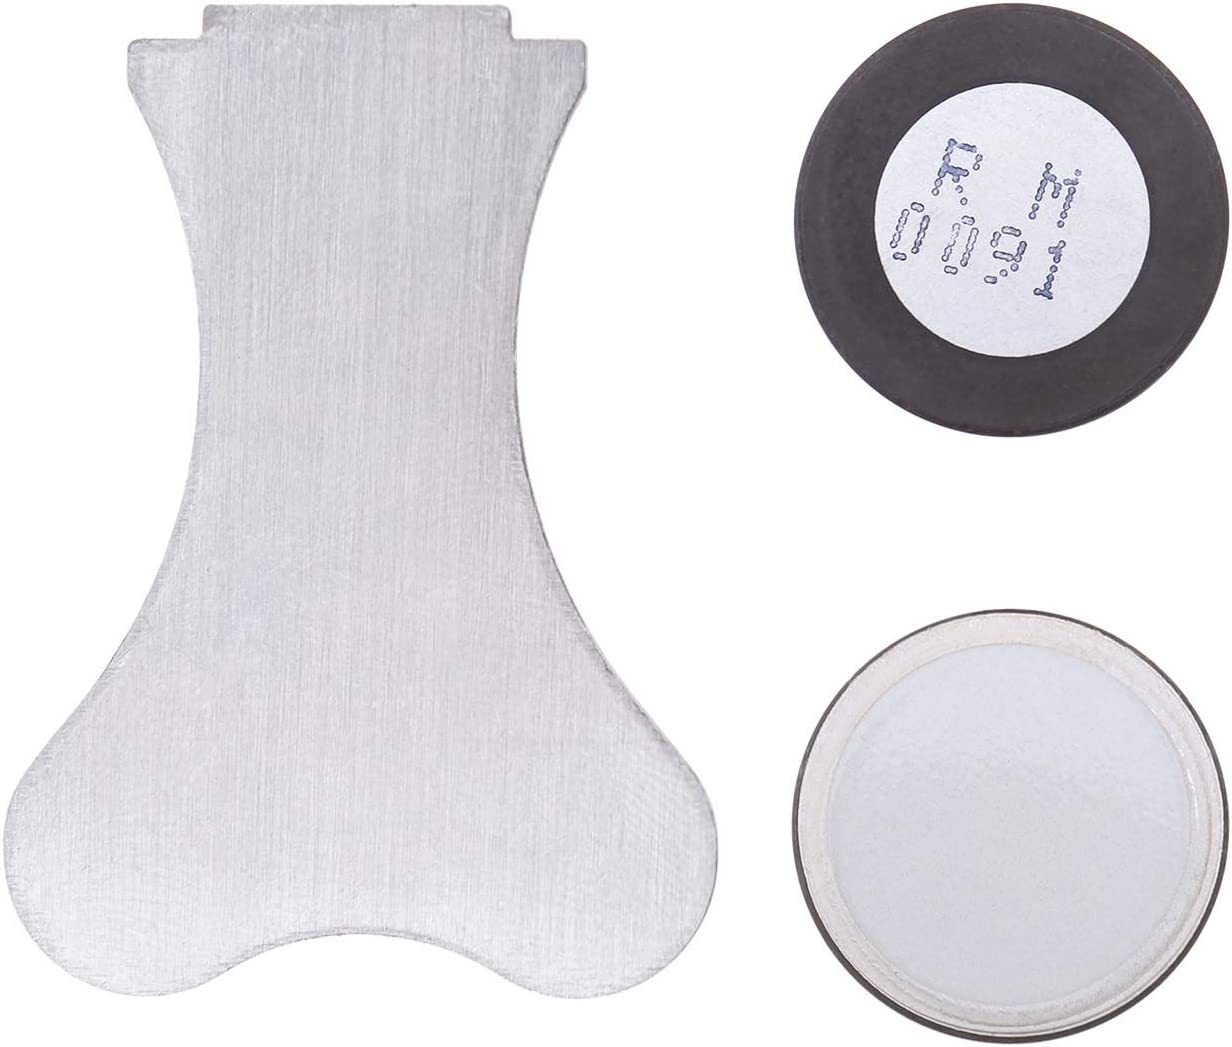 Kit de reparación de disco de transductor humidificador con herramienta de extracción compatible con el calentador Dimplex Dlectric Fire 7511063